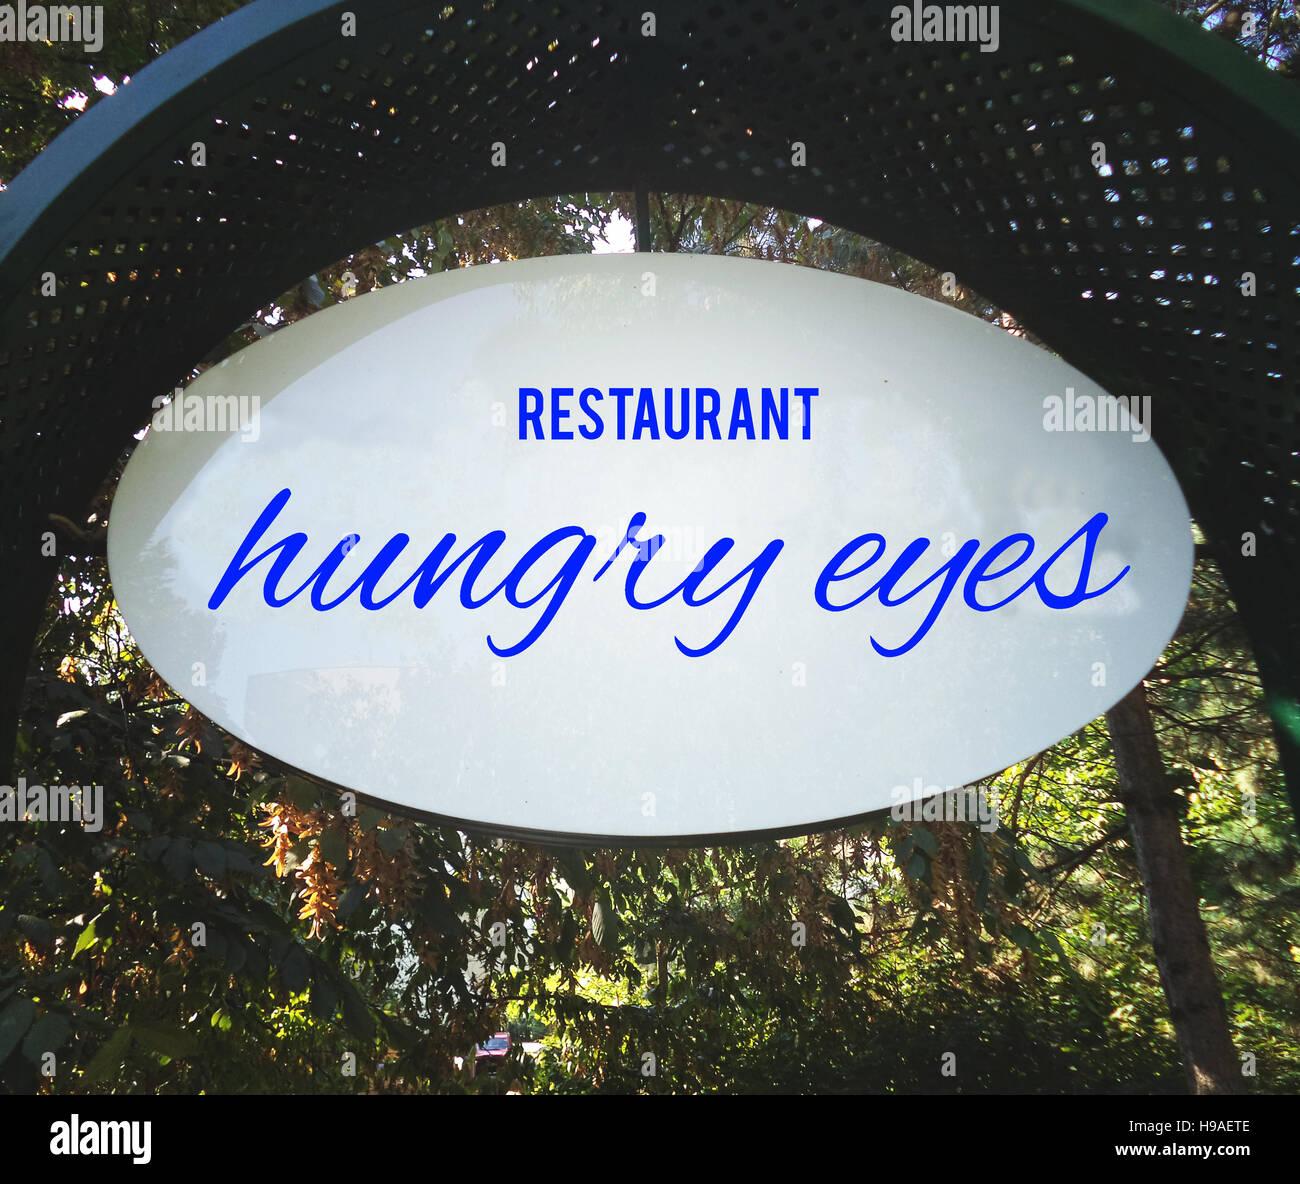 Restaurante, hangry ojos fondos, texturas, motivación, póster, cotizaciones, imagen borrosa Imagen De Stock